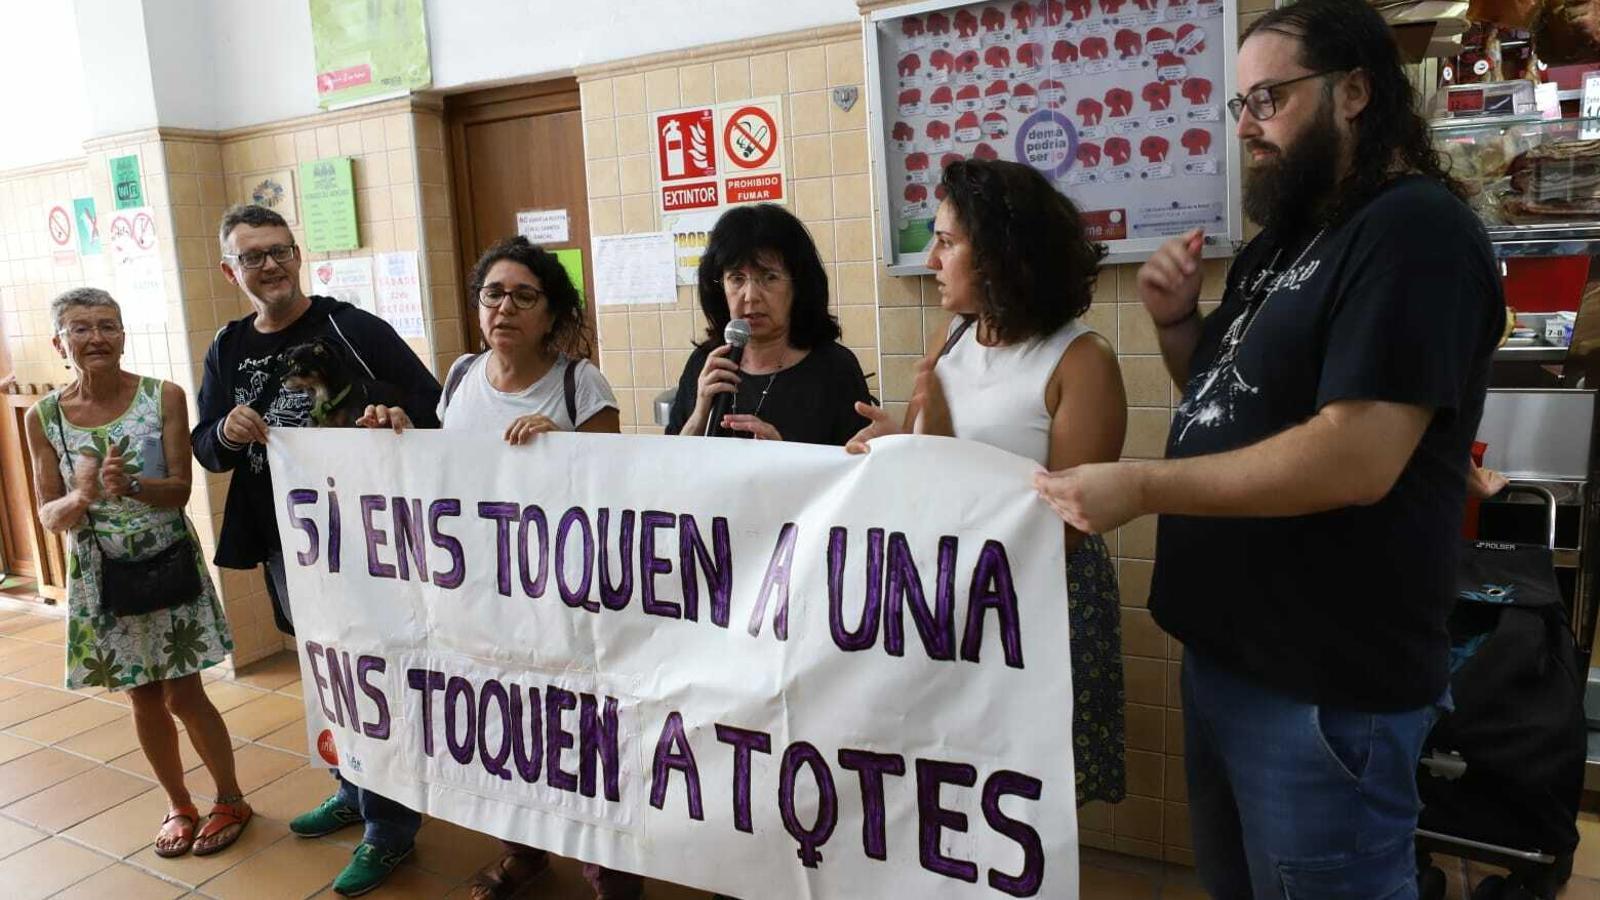 Acte de protesta contra la violència masclista a Pere Garau